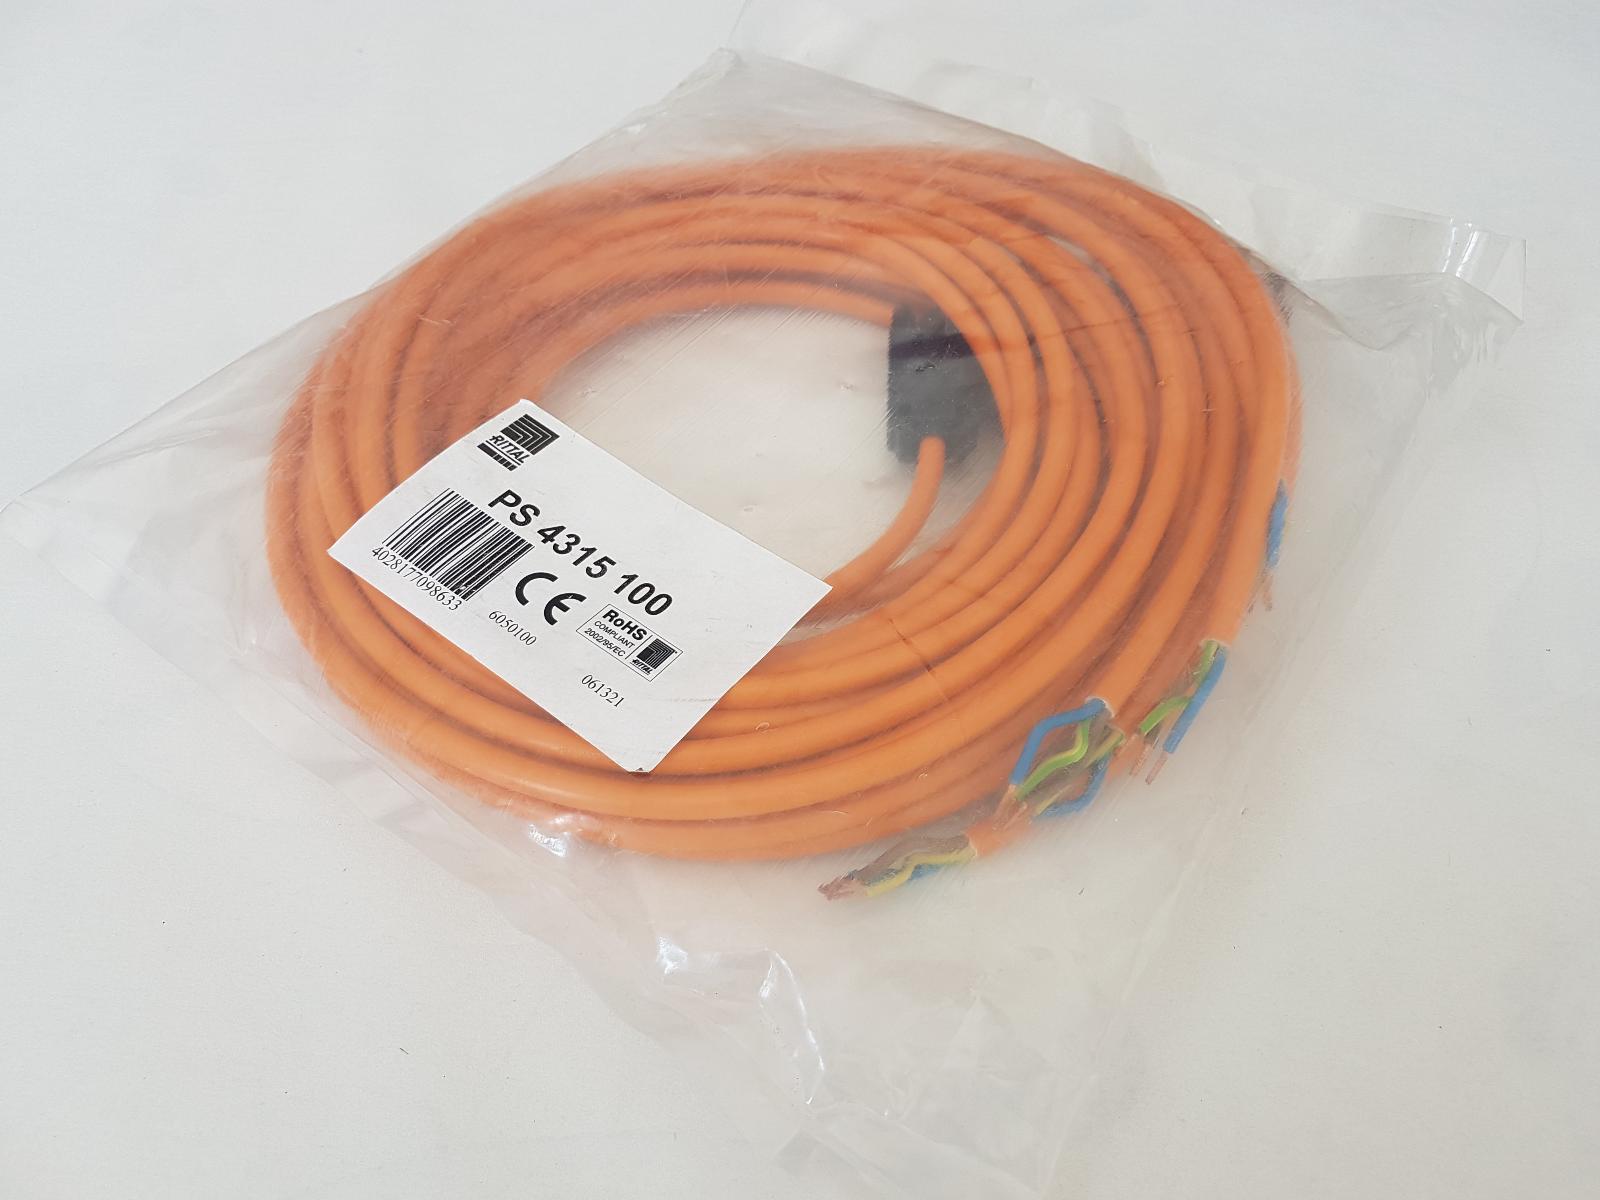 Anschlussleitung 1 Stück - #4014 orange SZ4315.100 Rittal -